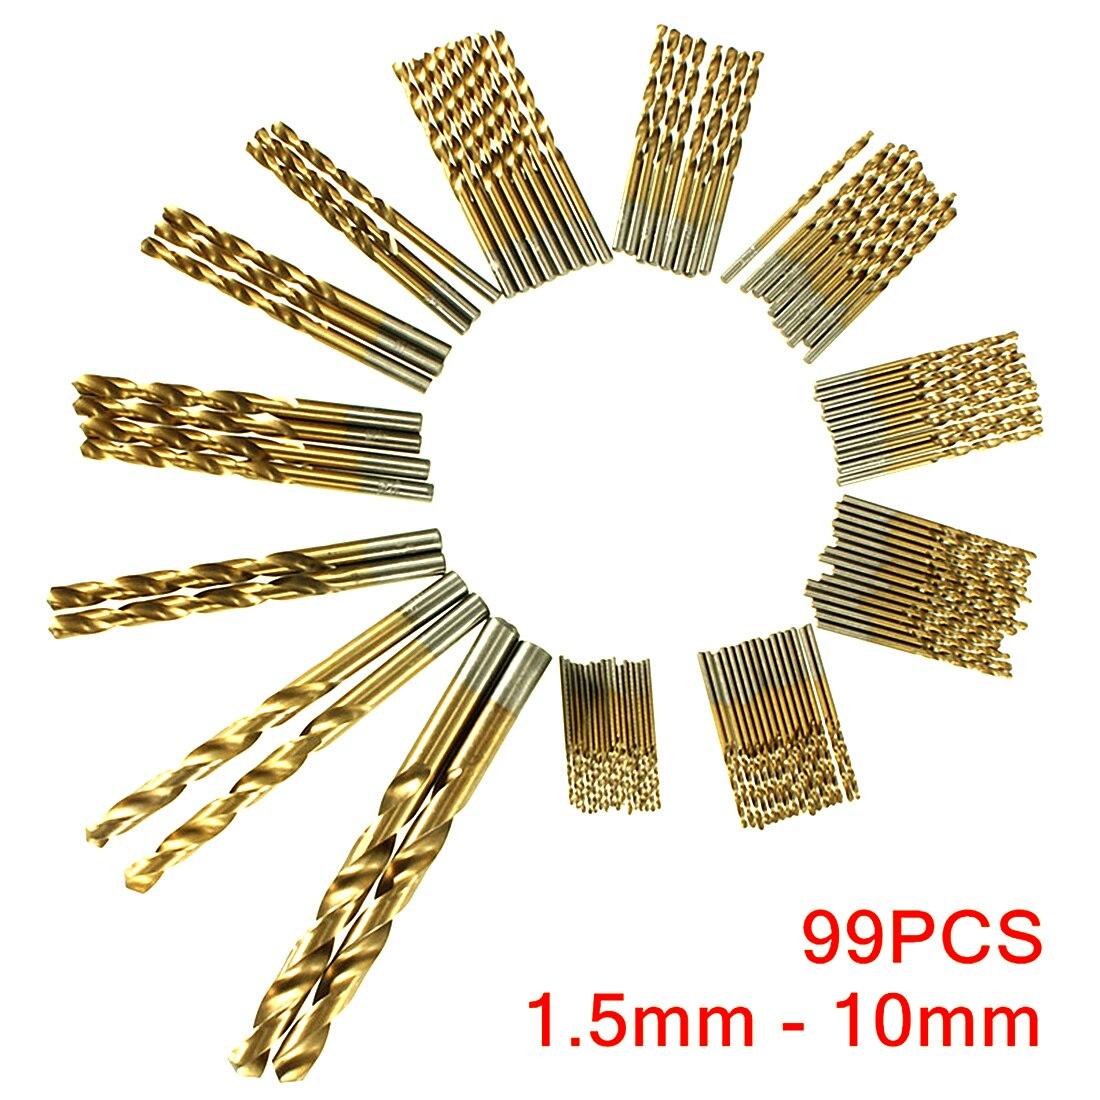 Mulitisize 99pcs Titanium Coated Drill Bit Set 1.5-10mm HSS Drill Bit Tool For Metal Wood Work 30dB For Metal Drills